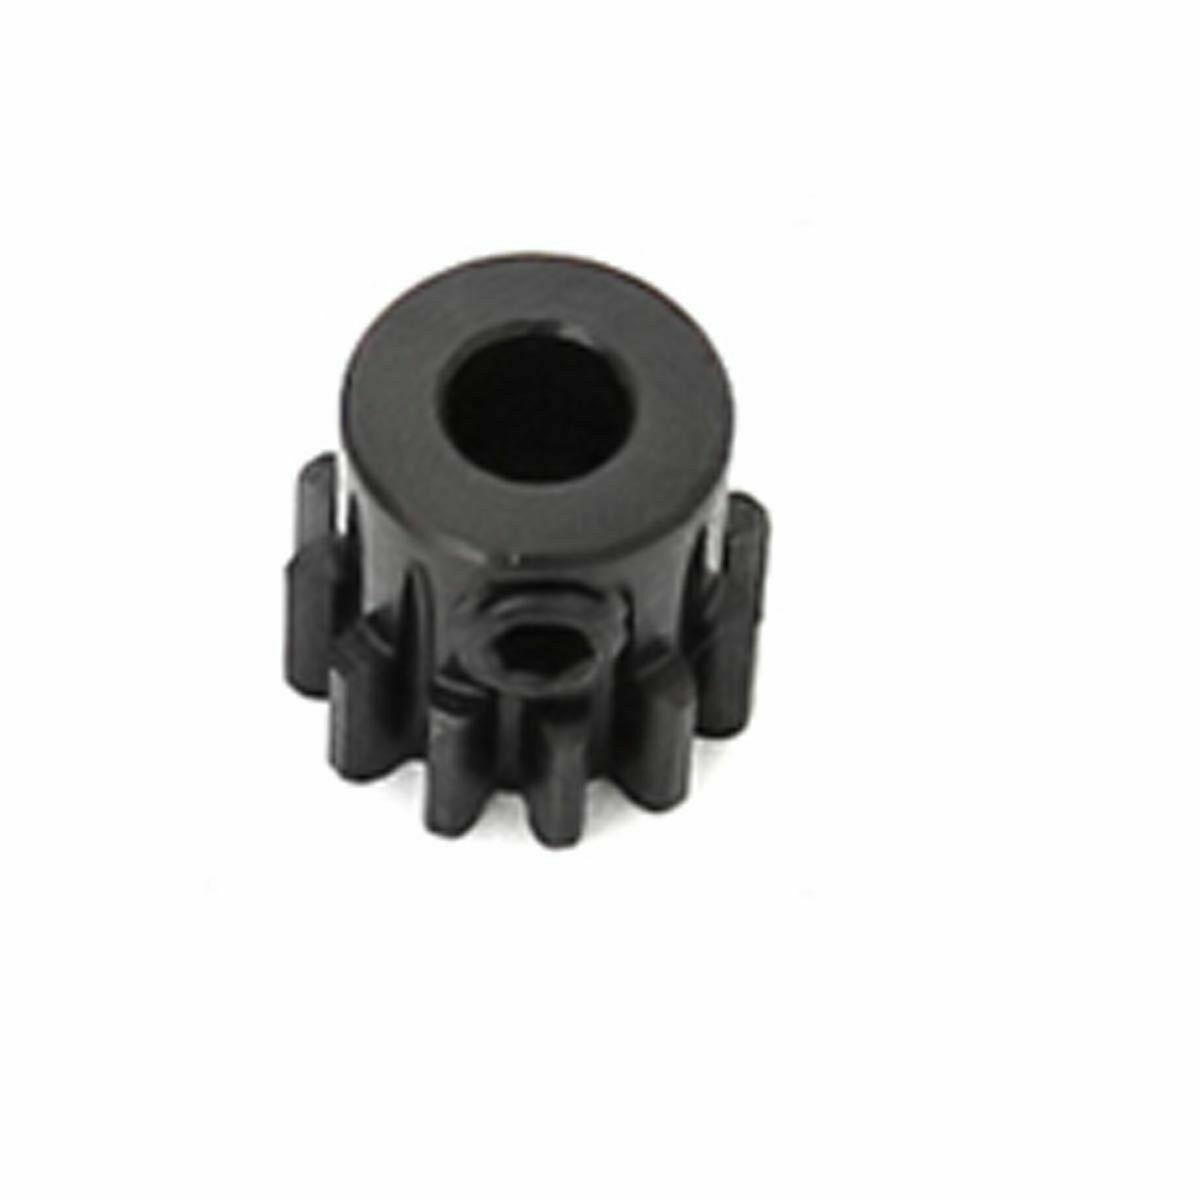 Tekno RC 4172 M5 Pinion Gear 12t MOD1 5mm bore M5 set screw